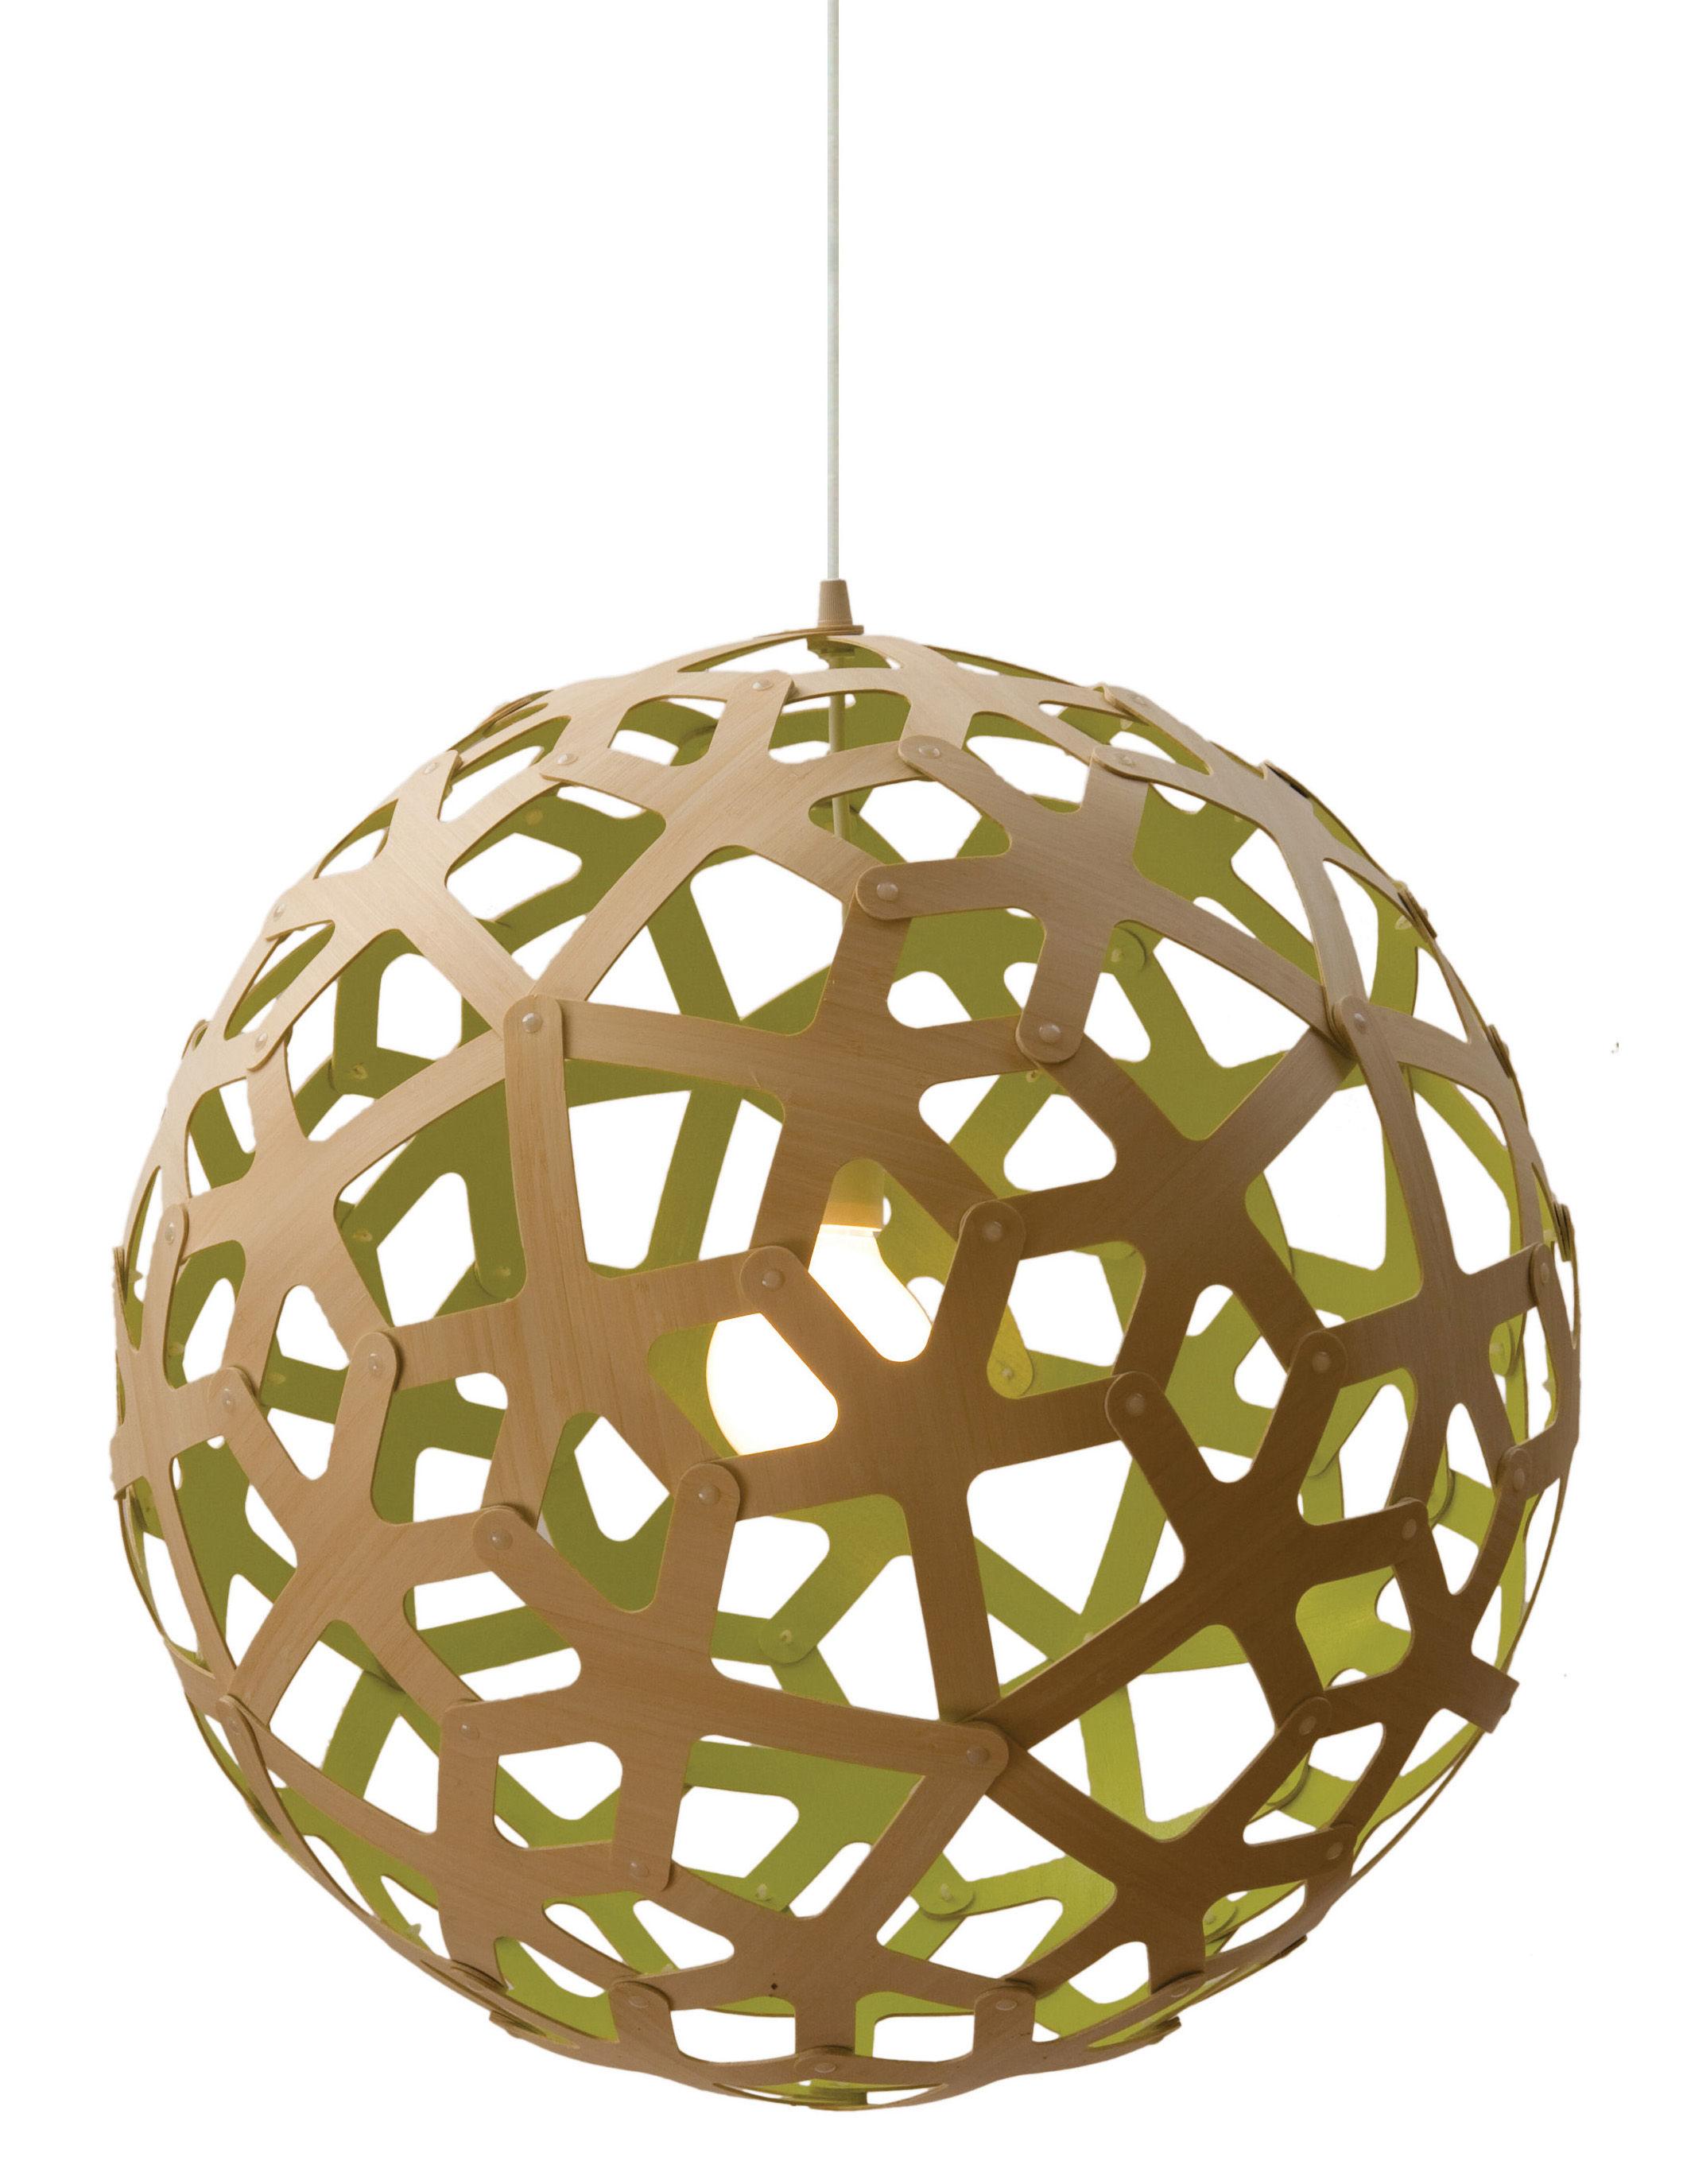 Leuchten - Pendelleuchten - Coral Pendelleuchte Ø 60 cm - Zweifarbig - Exklusiv - David Trubridge - Zitronengelb / Holz natur - Kiefer